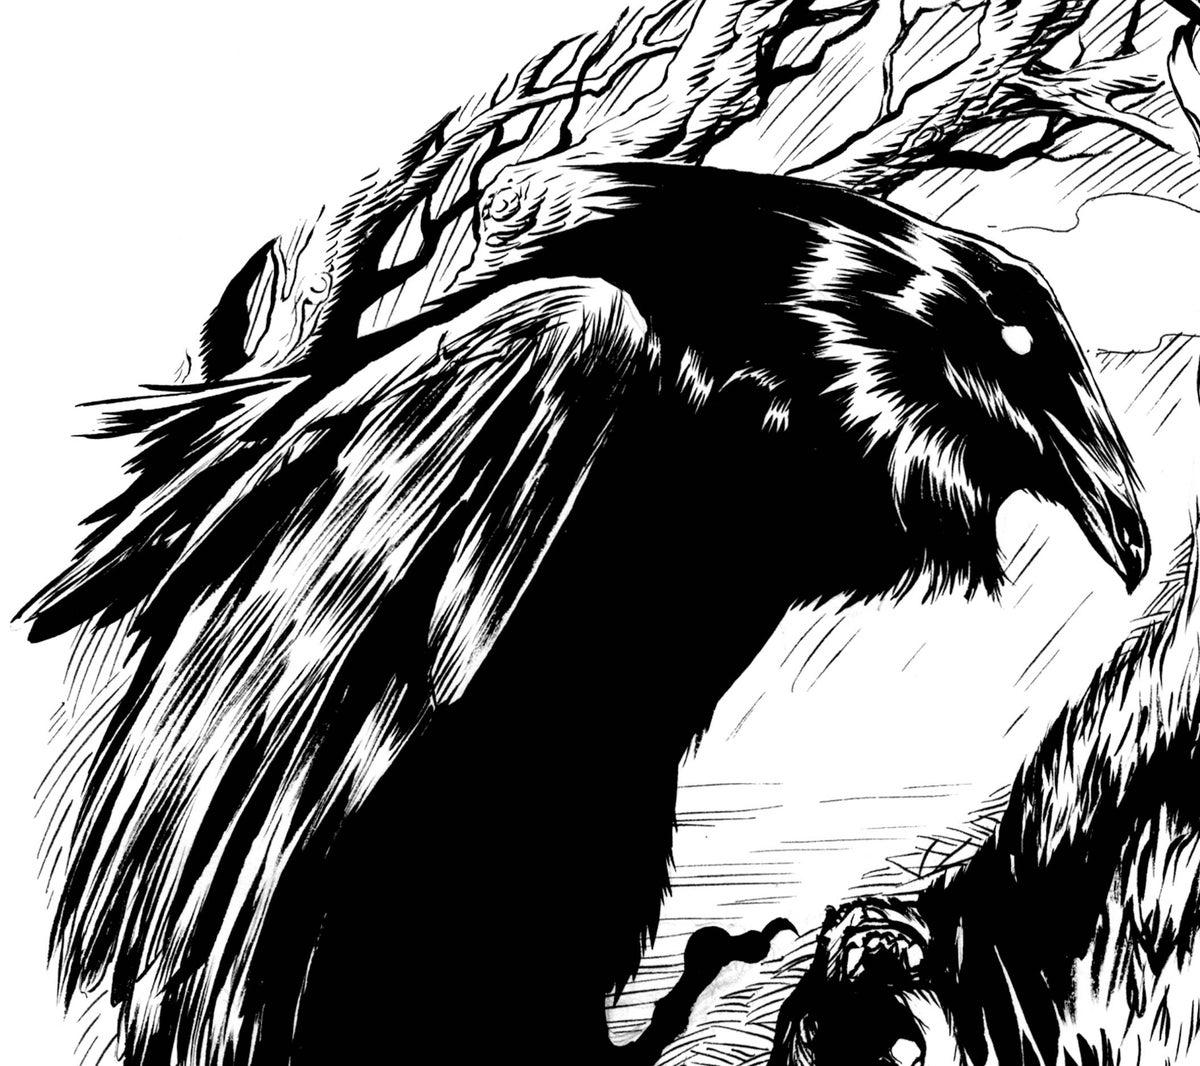 Online Auto Insurance >> Raven and Wolf ying yang original art | markloneart